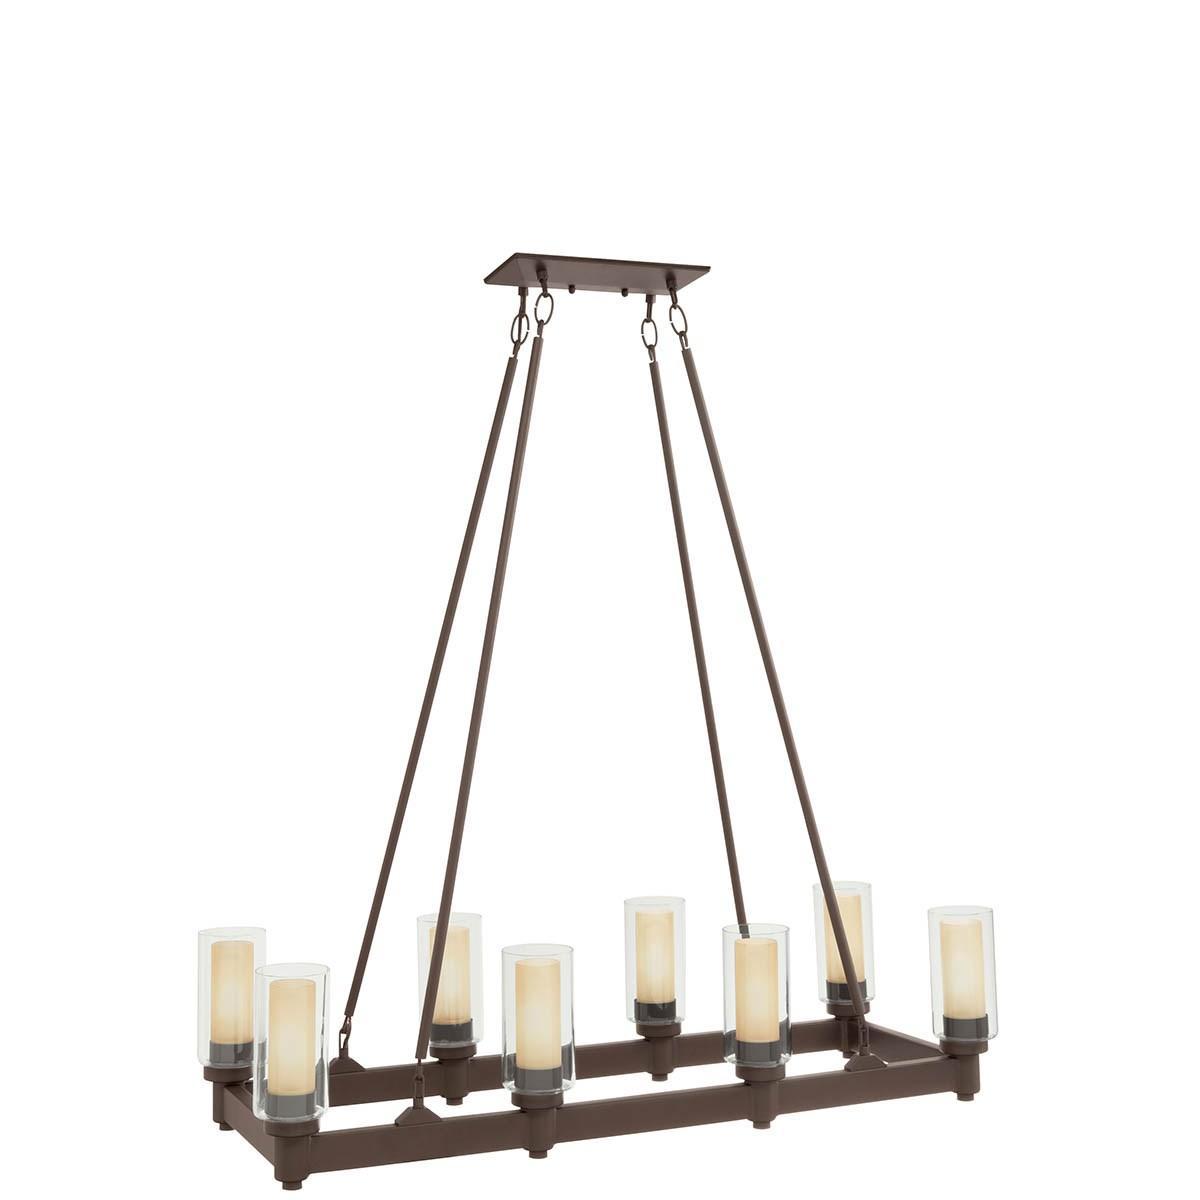 8 Light Linear Chandelier